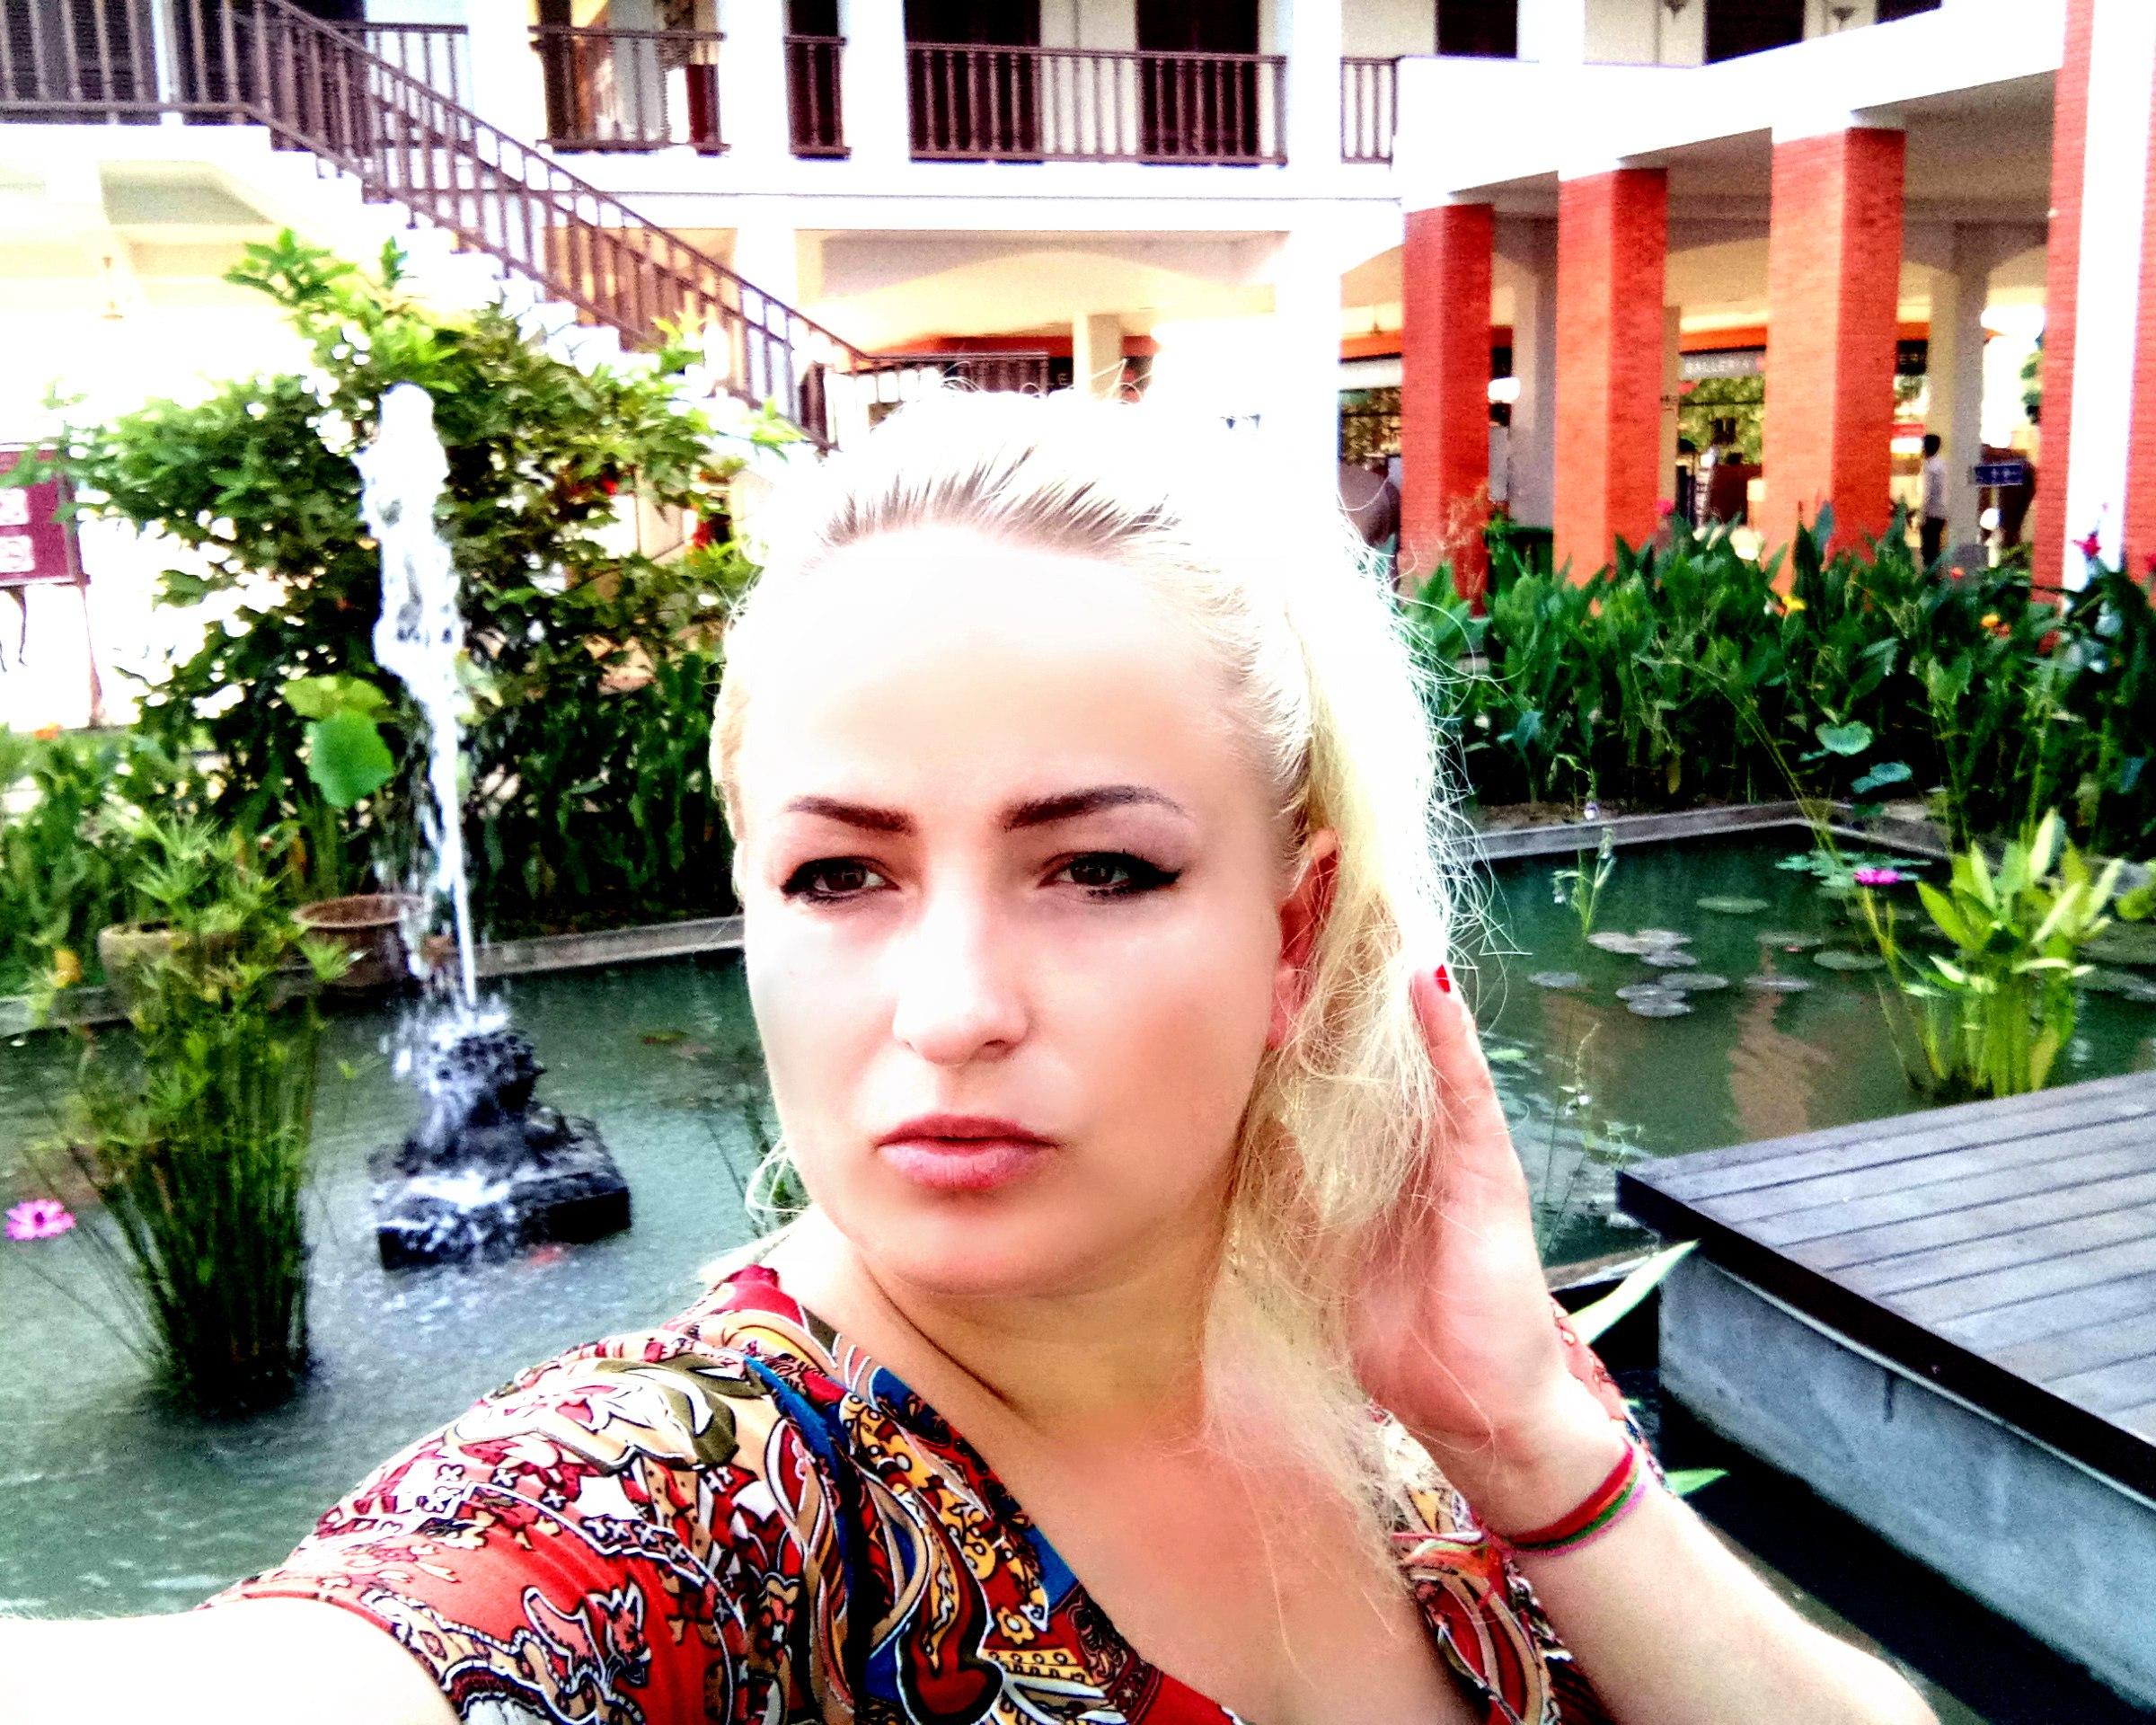 пляж - Елена Руденко. Мои путешествия (фото/видео) - Страница 3 CYp61-KInWU